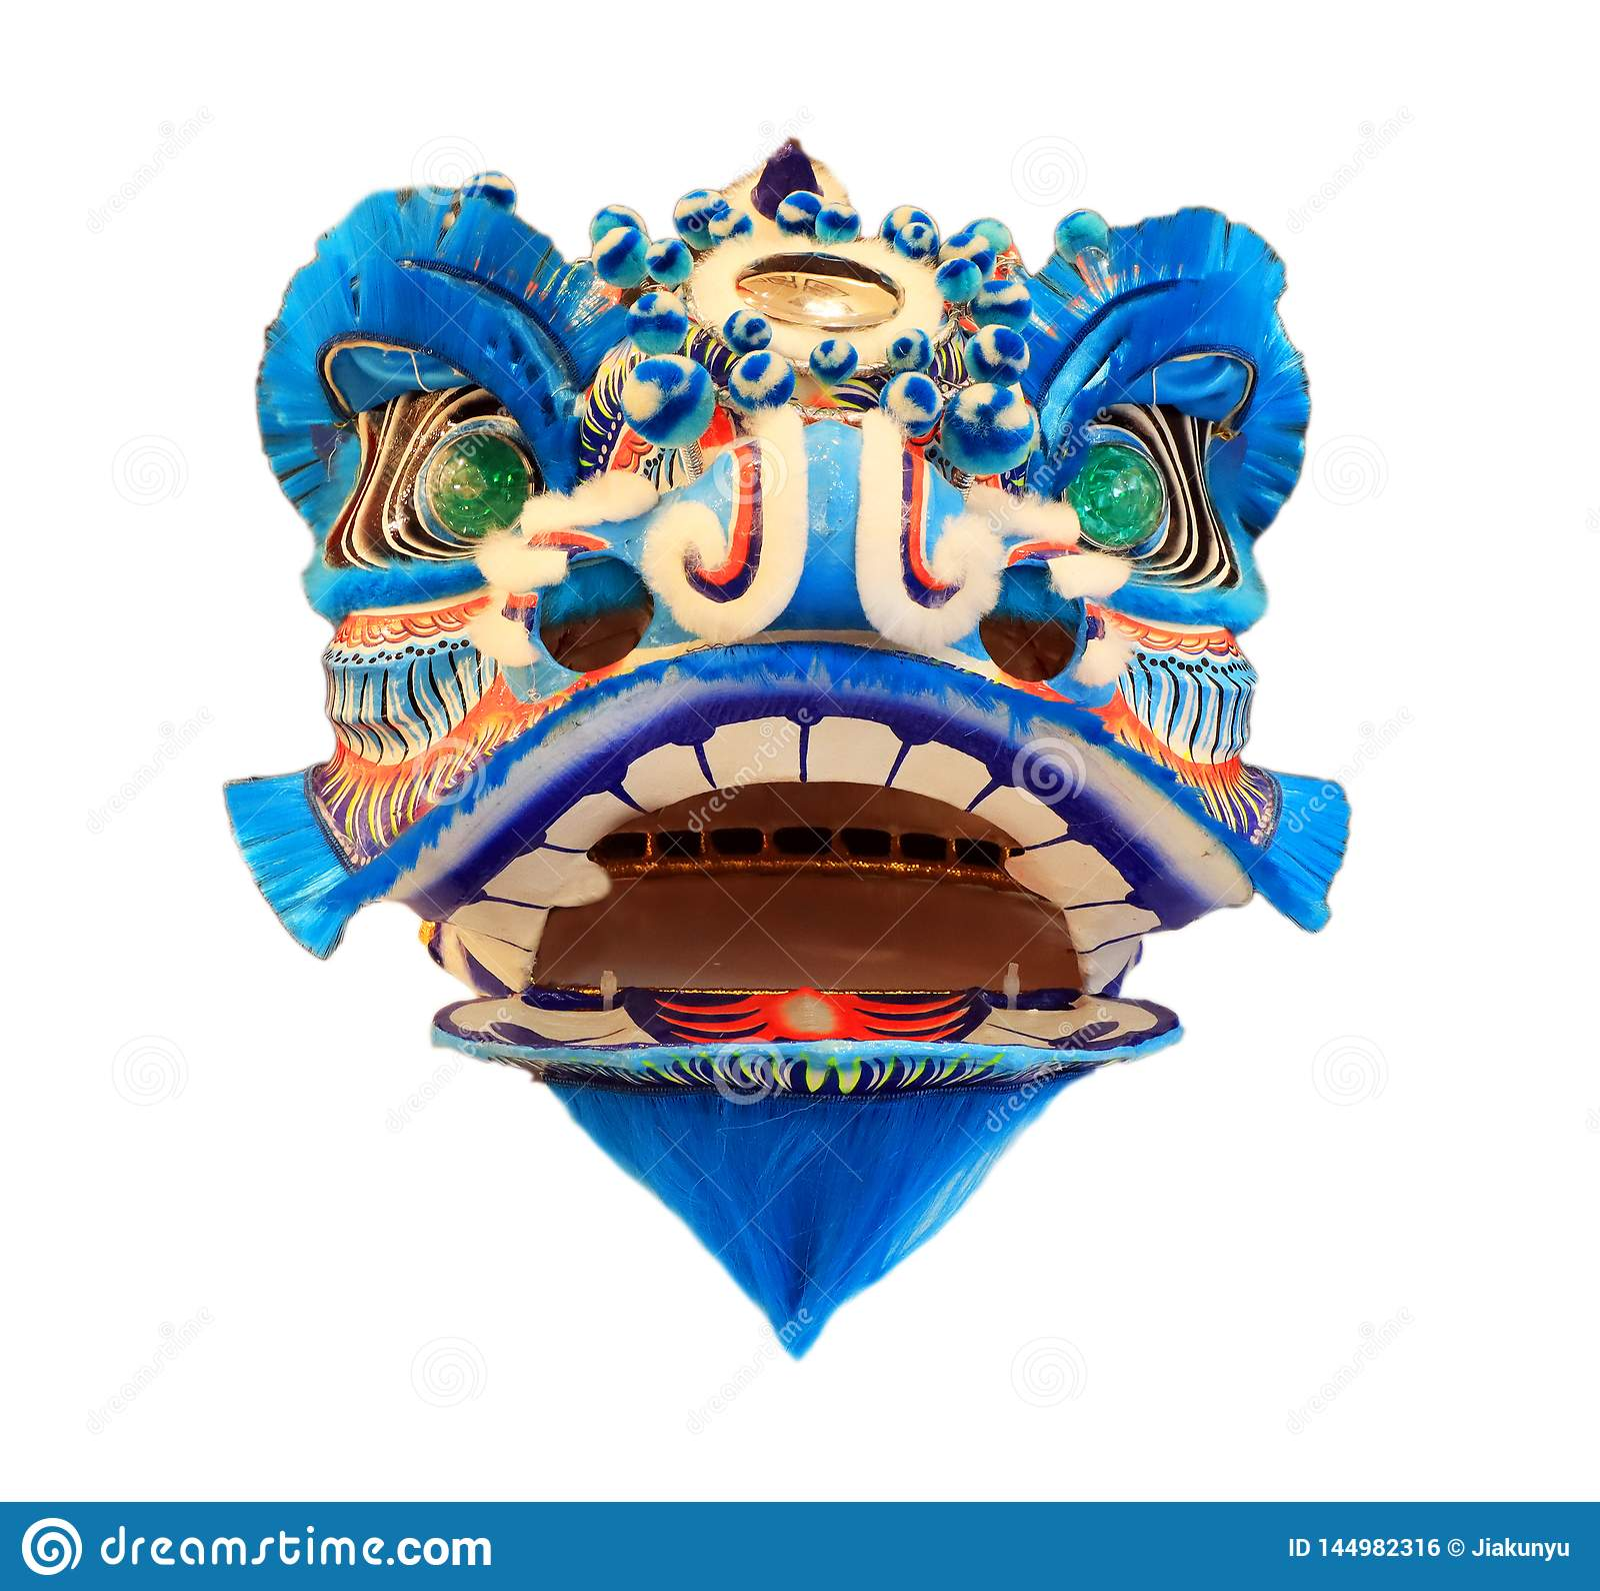 Máscara principal chinesa da dança de leão isolada no fundo branco, estilo chinês, azul